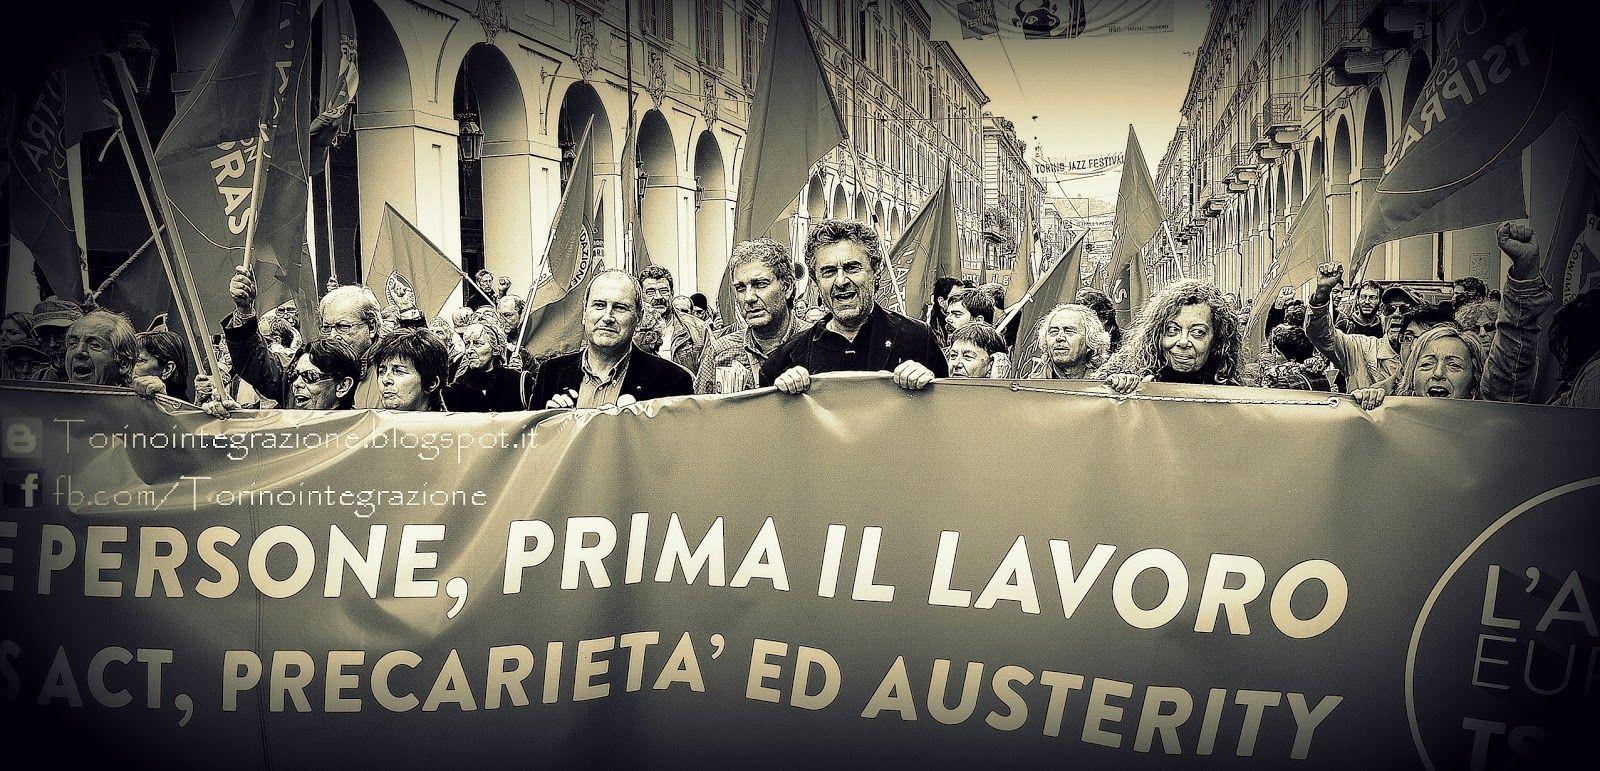 Torino Inte(G)razione: REPRESSIONE - LOCATELLI (PRC): AL 1° MAGGIO a TROR...